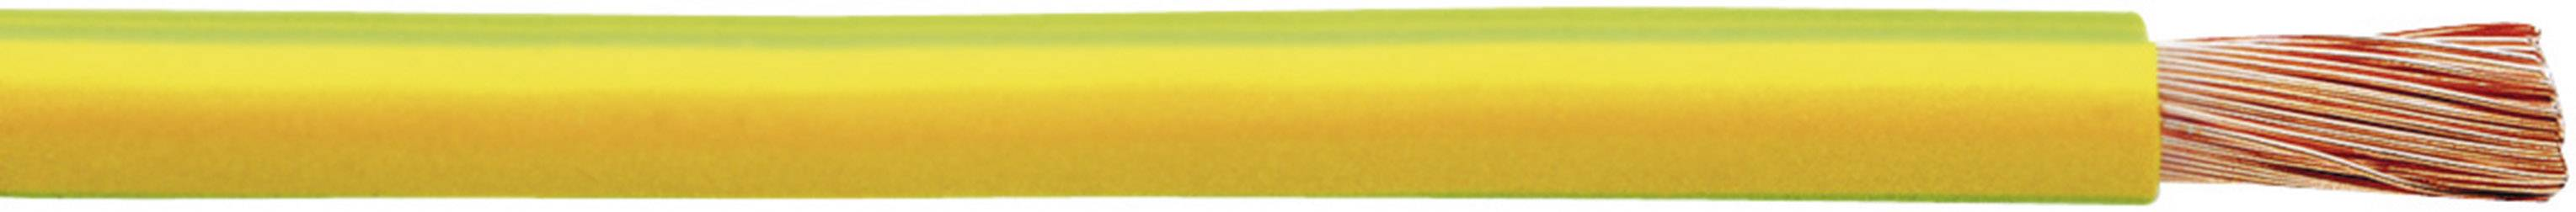 Pletenica H07V-K 1 x 6 mm, črna Faber Kabel 040074 cena za meter